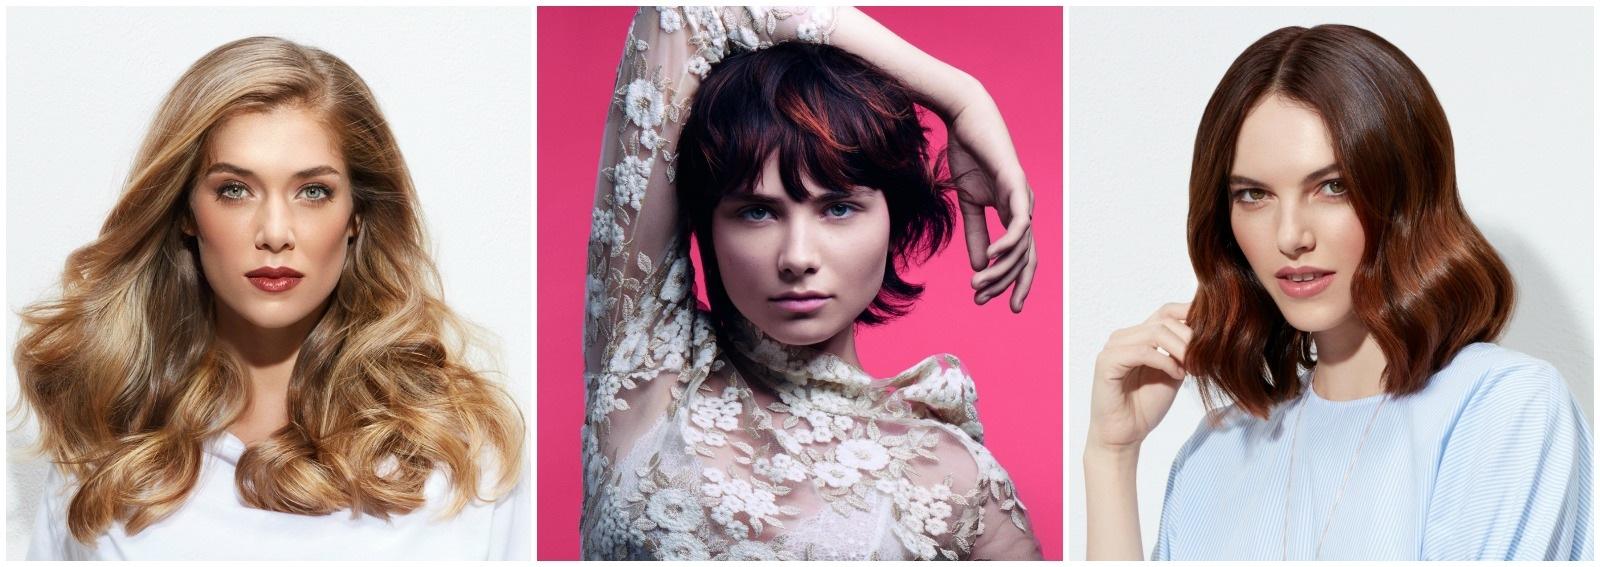 tendenze capelli saloni primavera estate 2017 cover desktop 01